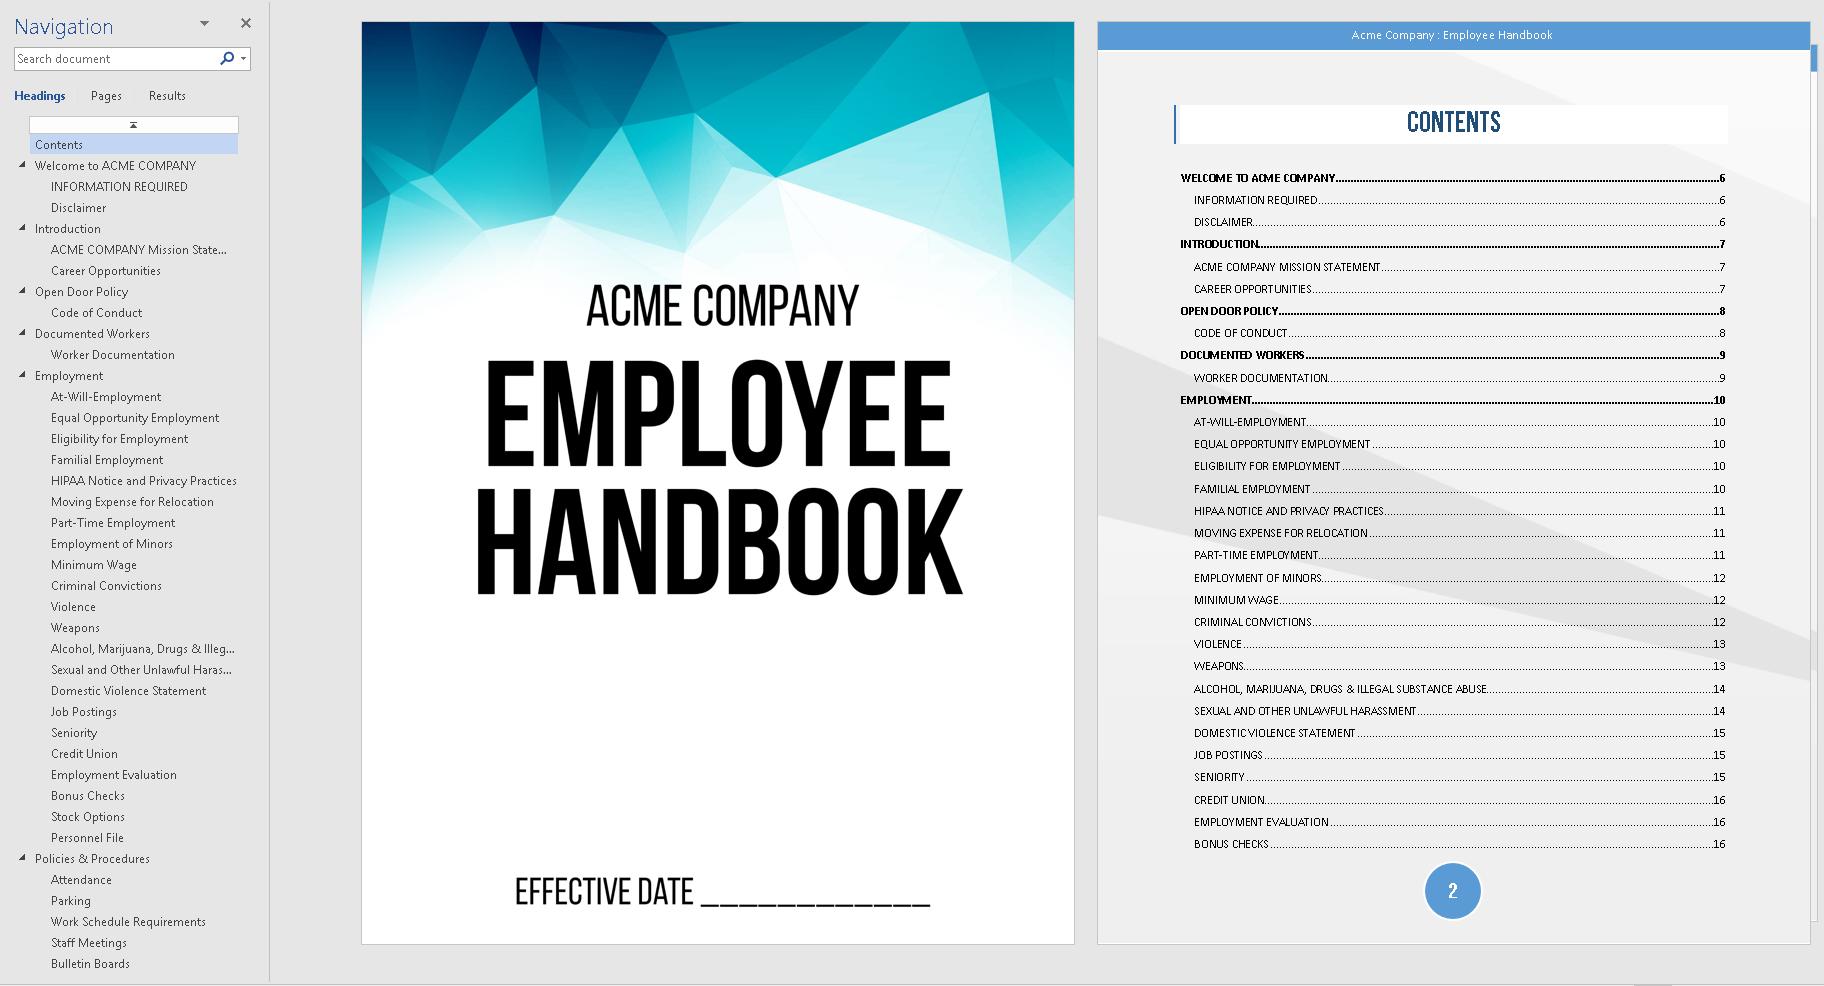 Big Lots Employee Handbook Best Employee 2018